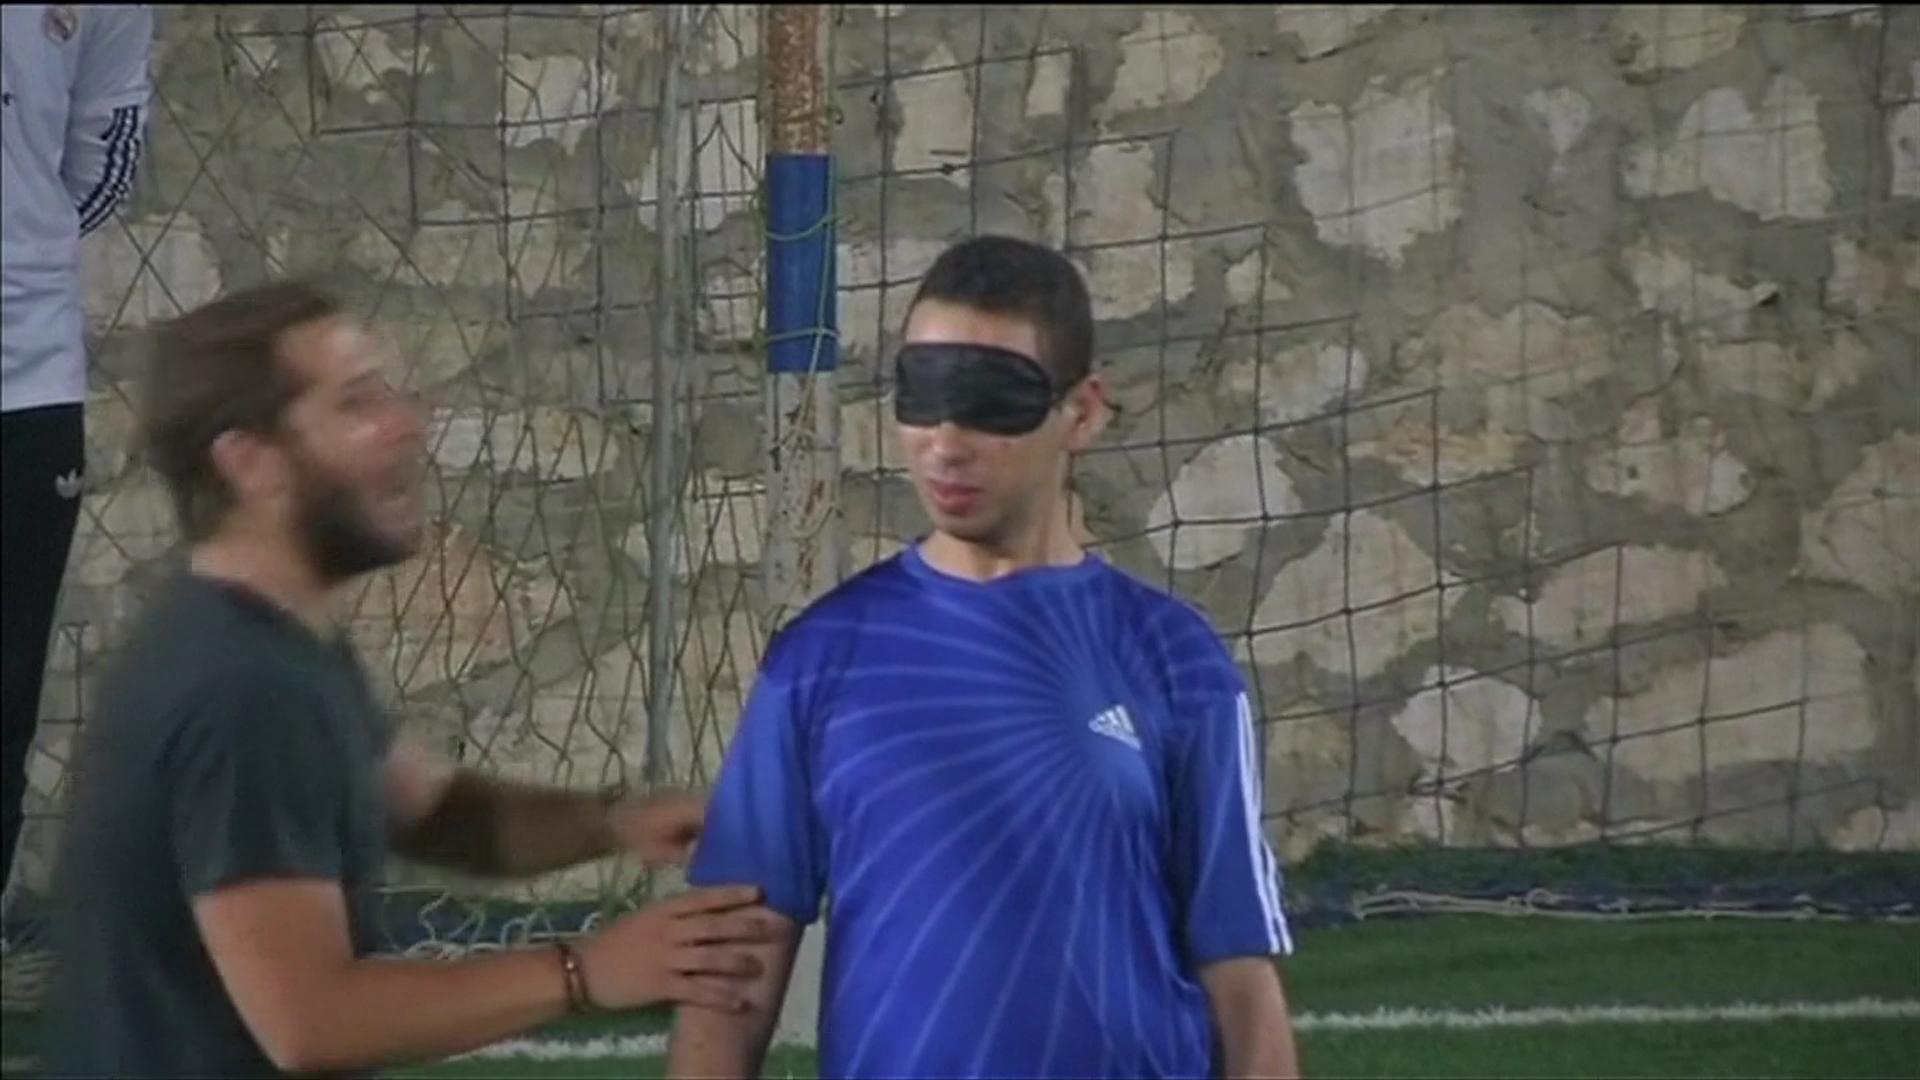 بالفيديو.. لاعبو كرة قدم مكفوفون يأملون في تمثيل مصر في بطولات دولية